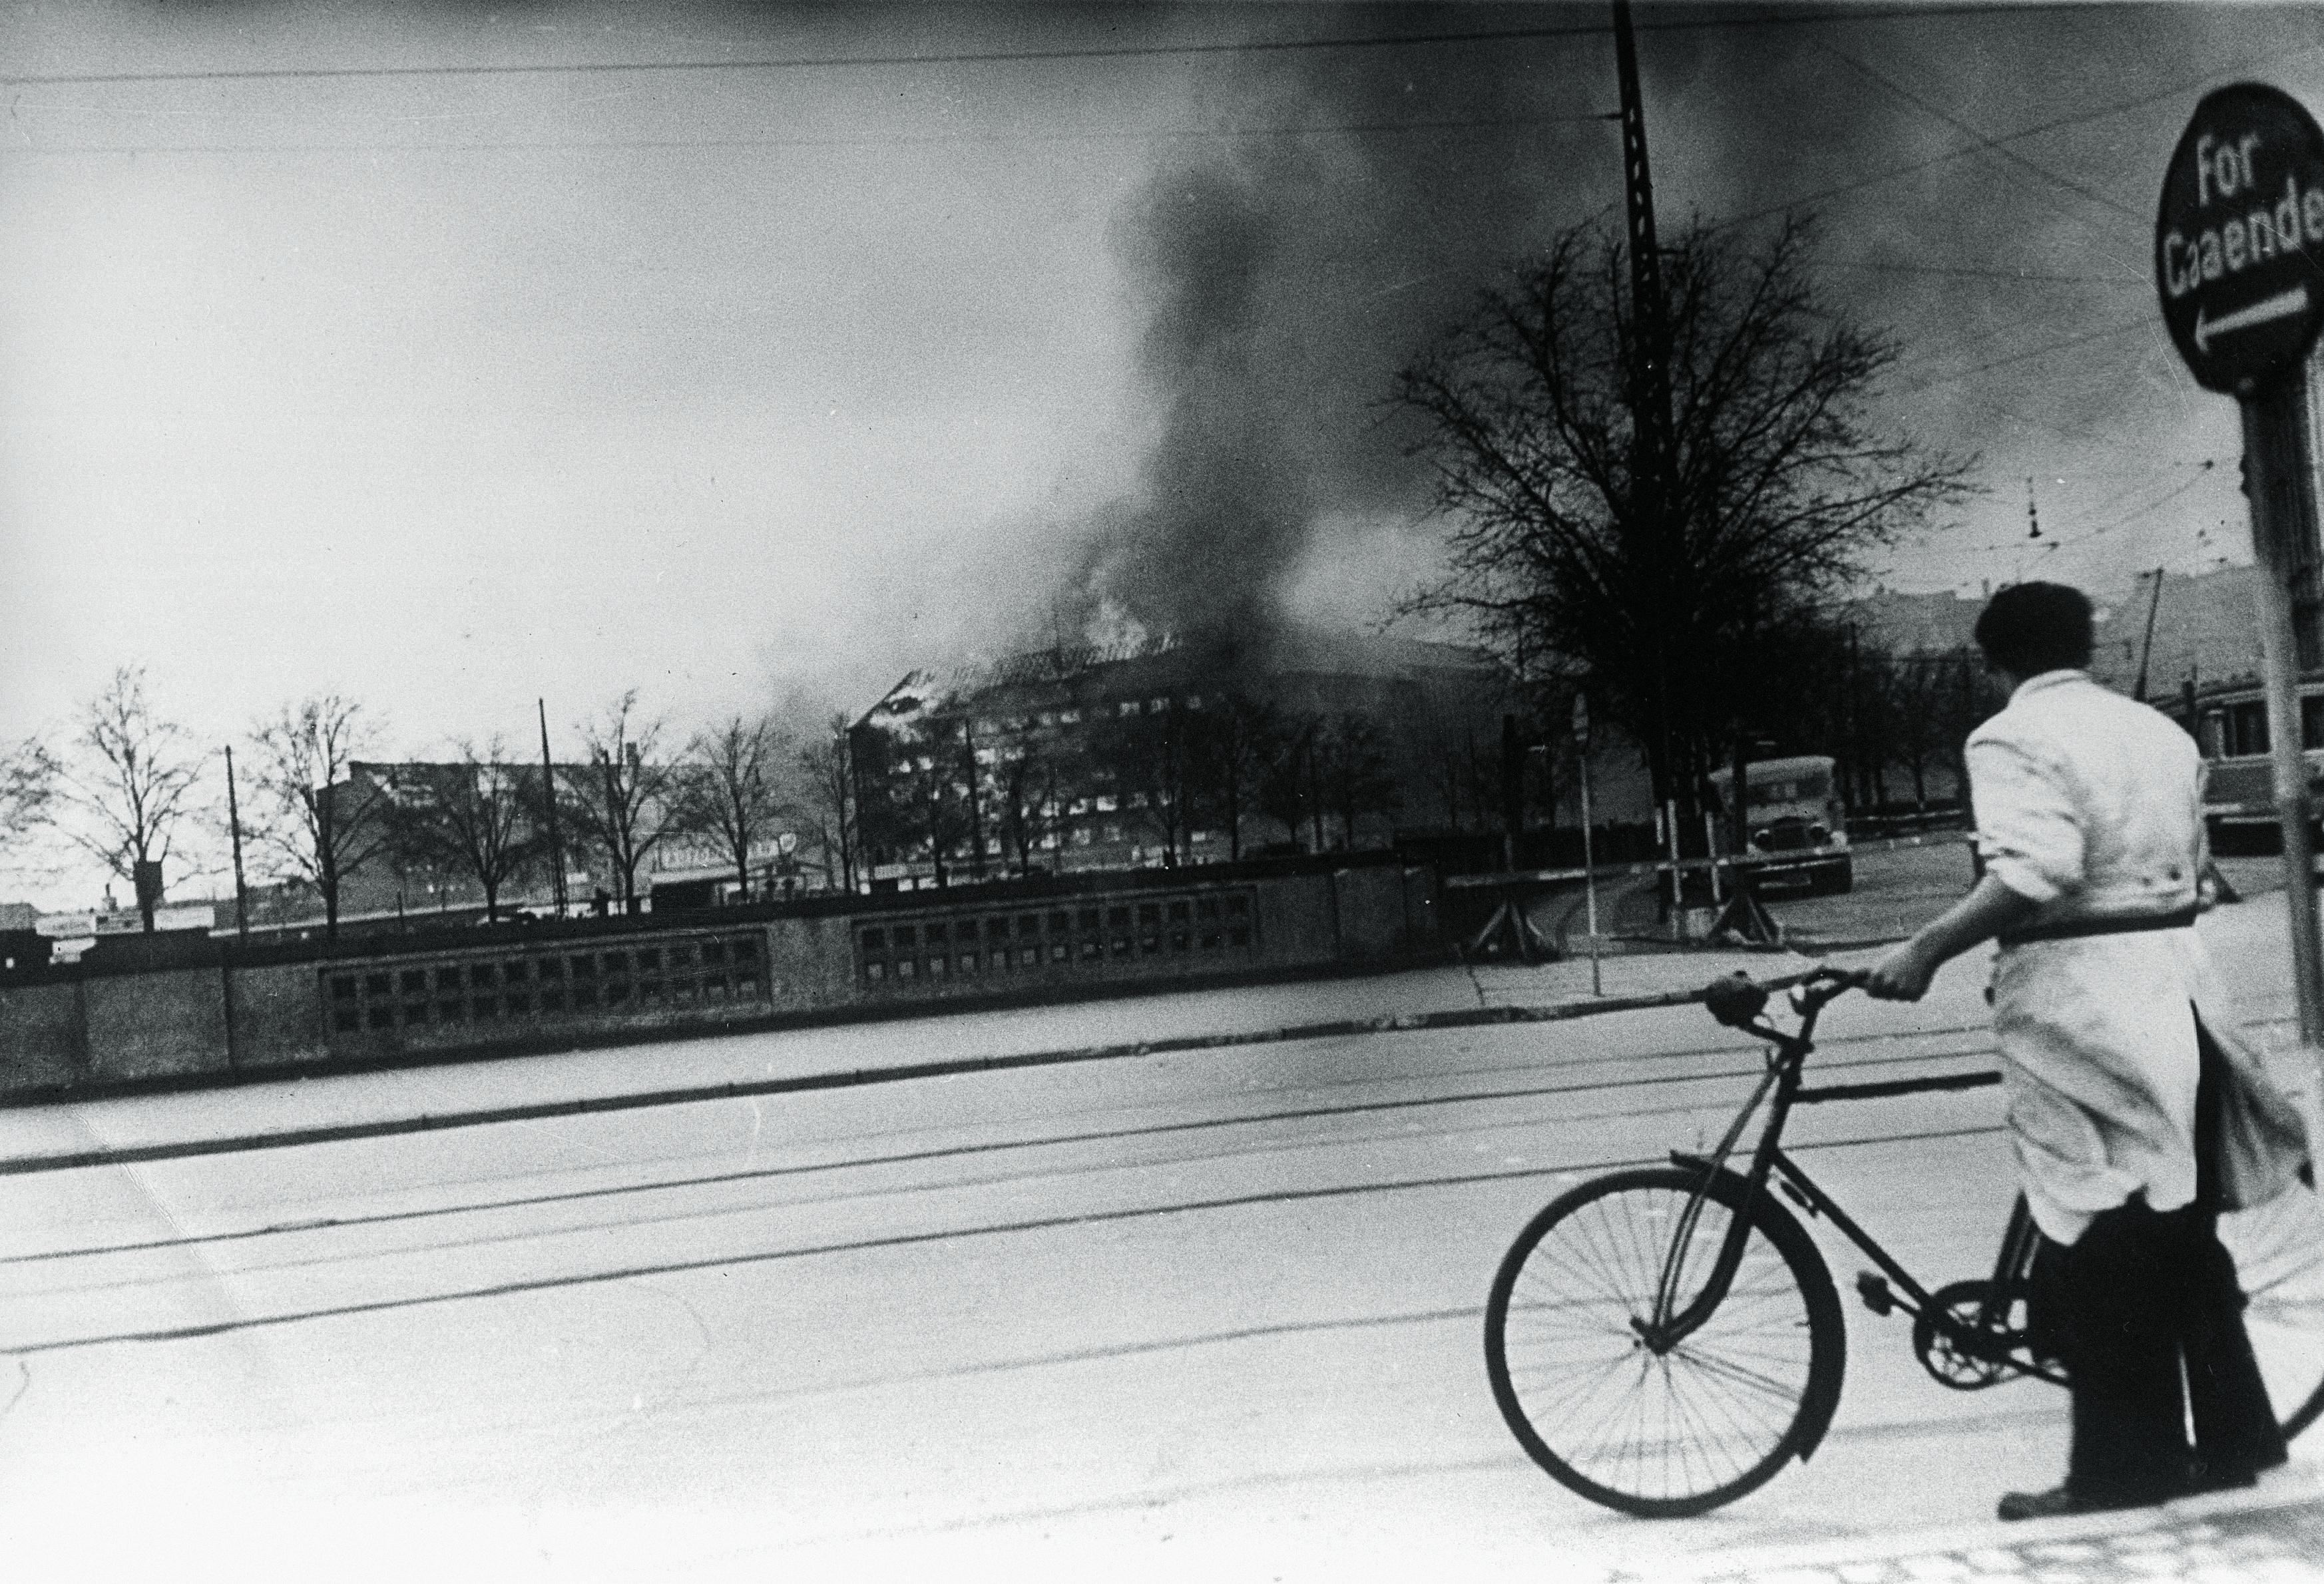 1944. Велосипедист смотрит на горящий «Шеллхаус» (здание Гетапо) после атаки RAF. 18 апреля